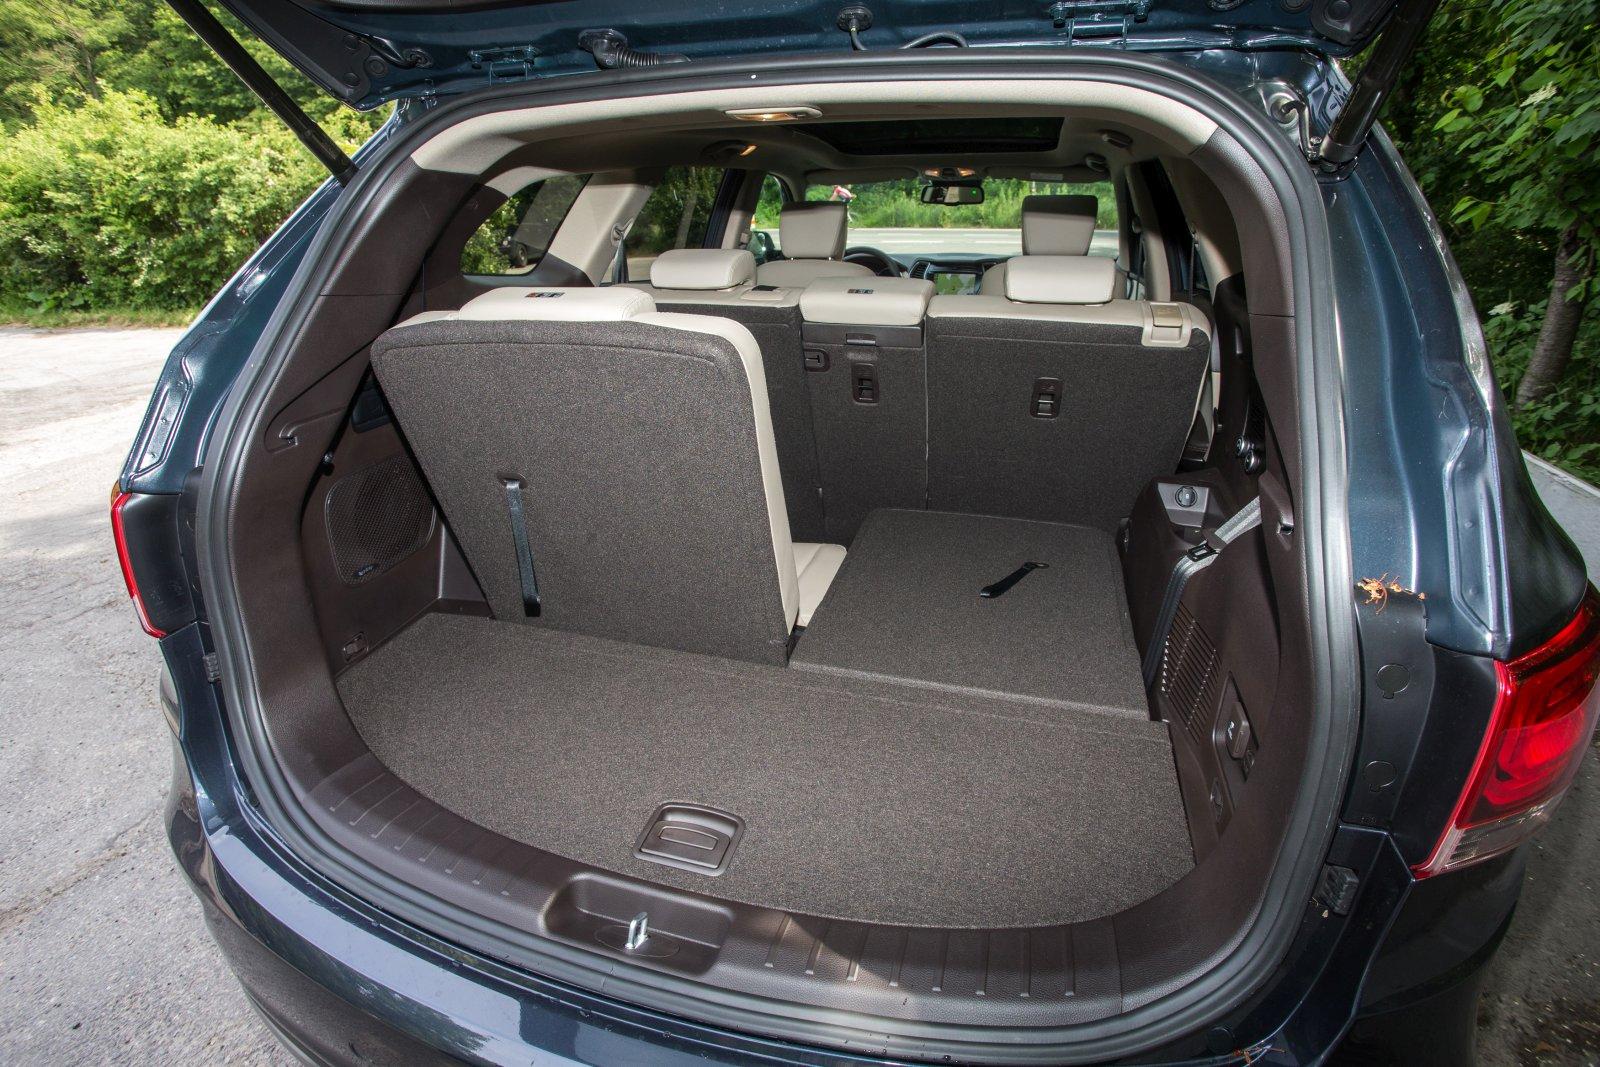 Hyundai Santa Fe 2020 Kofferraumvolumen